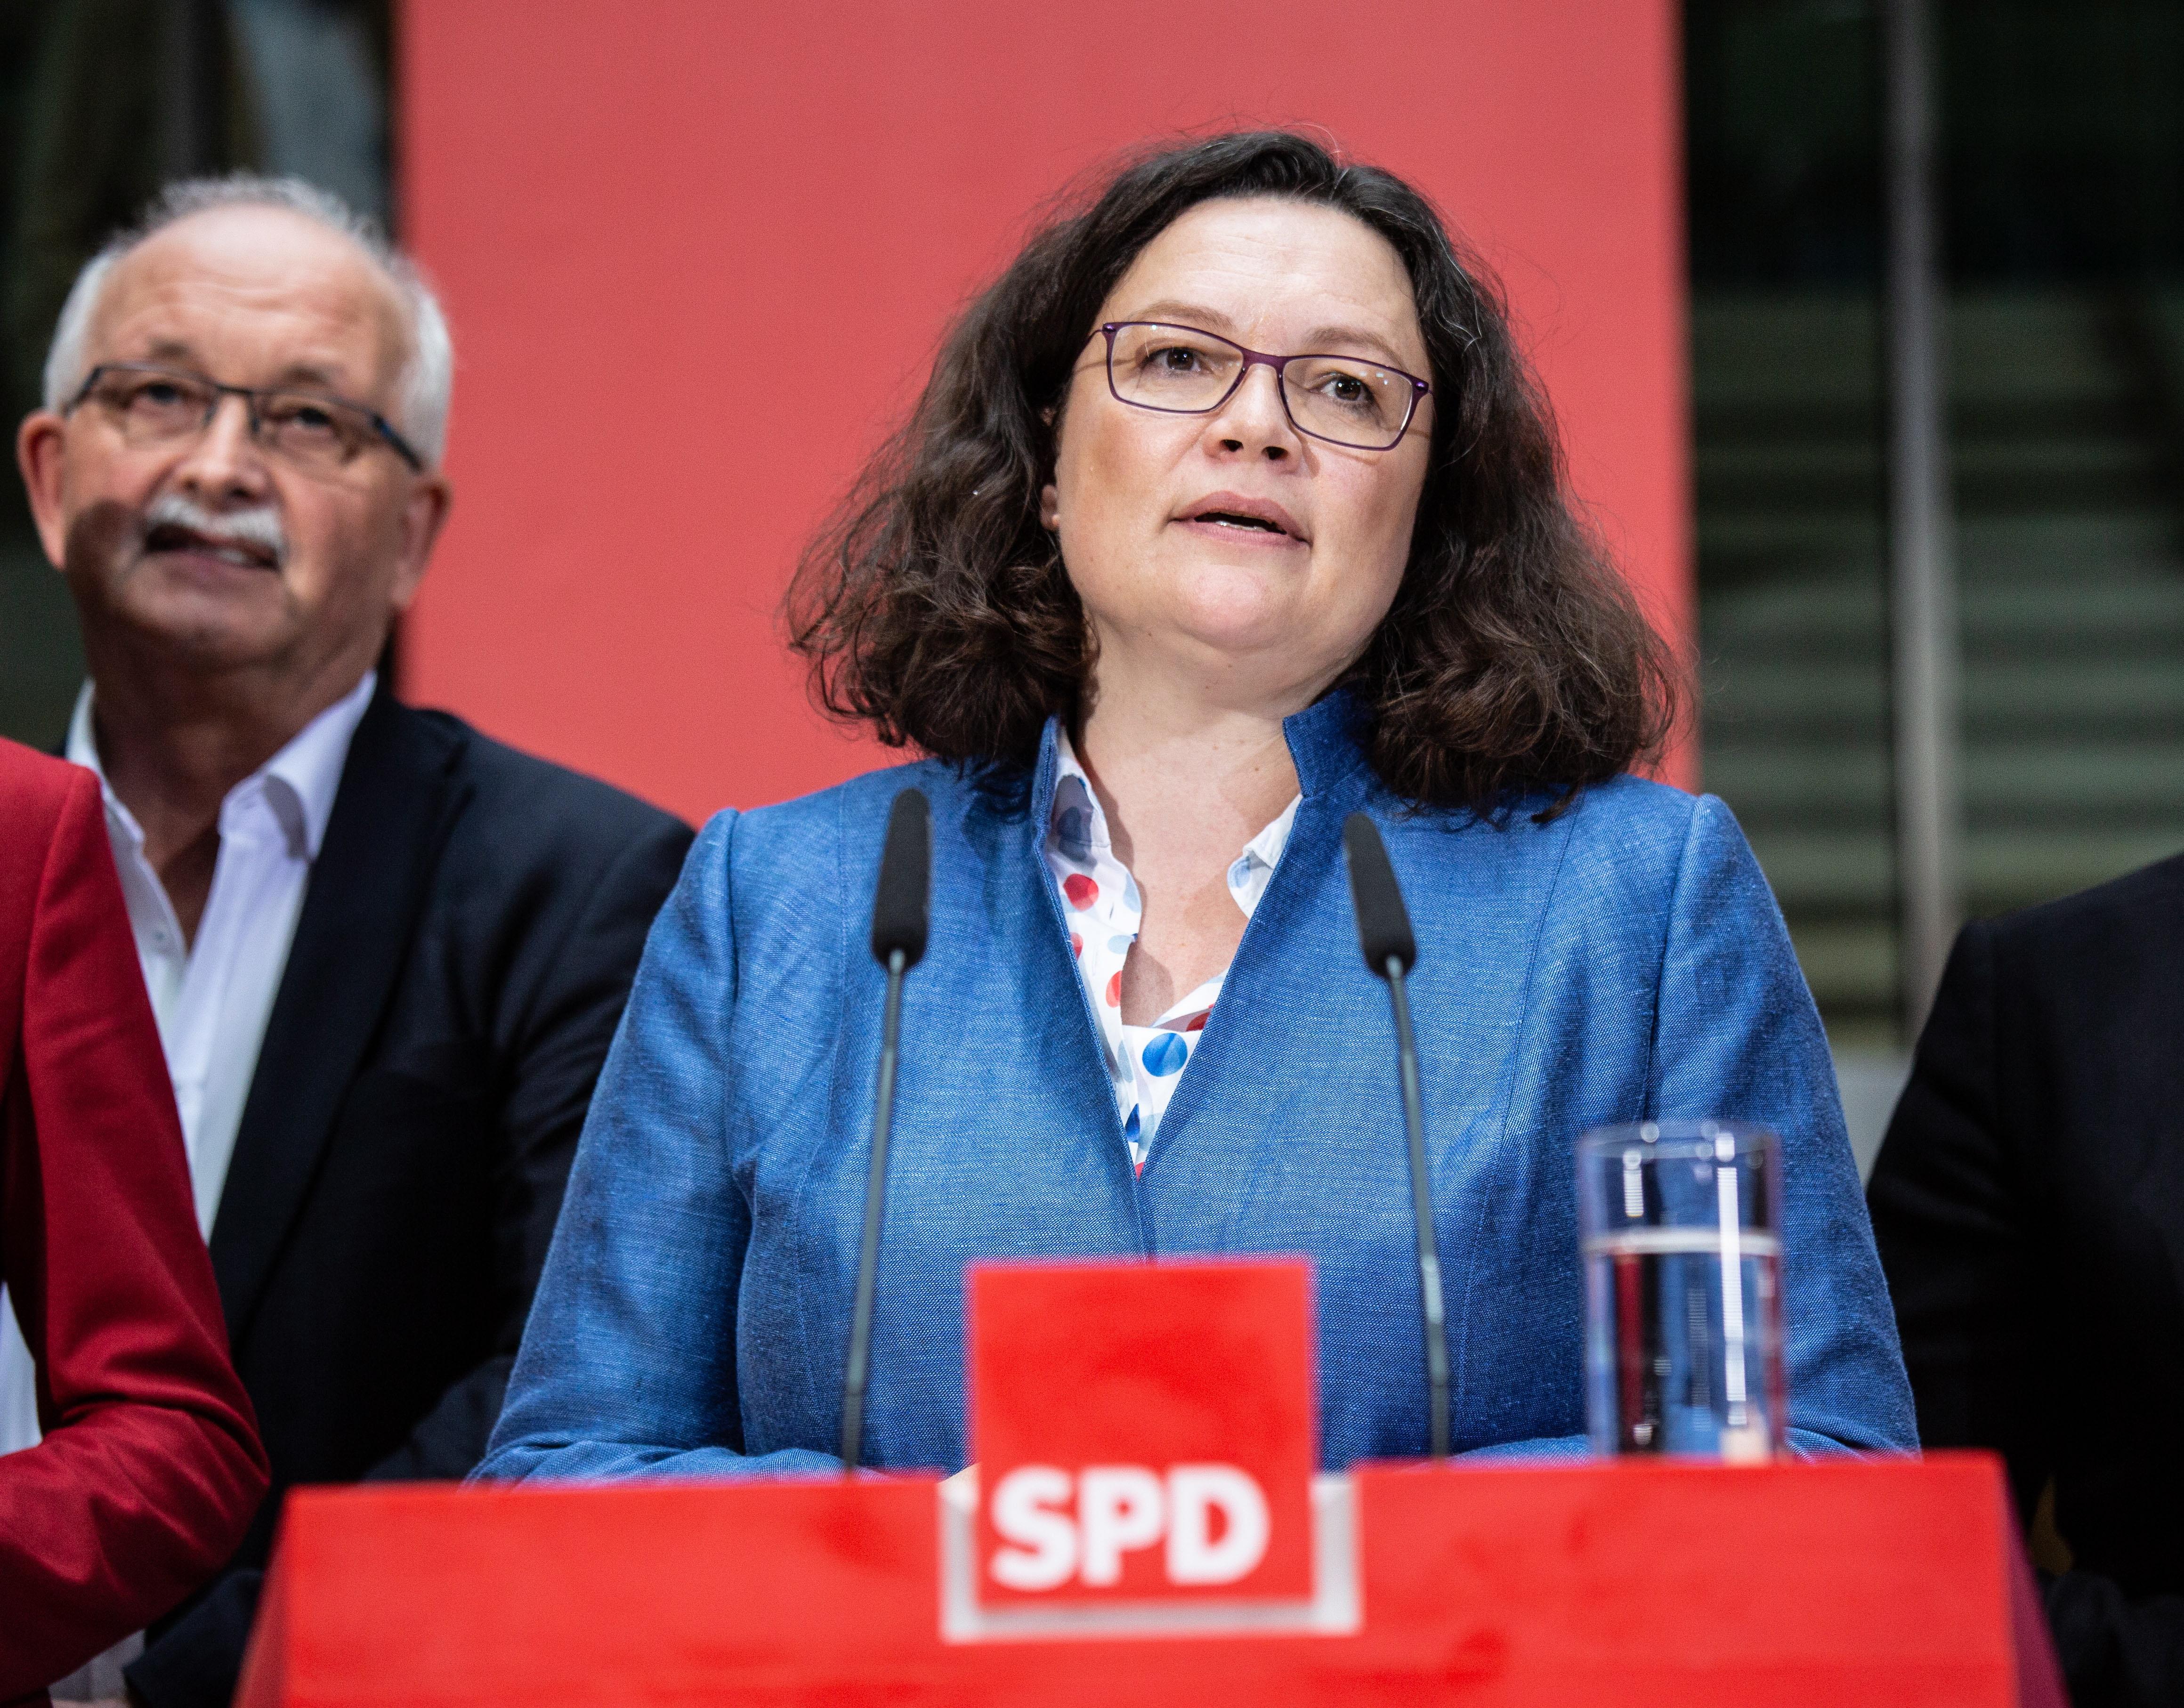 Njemački socijaldemokrati žele reformu socijalnog sustava, demokršćani protiv